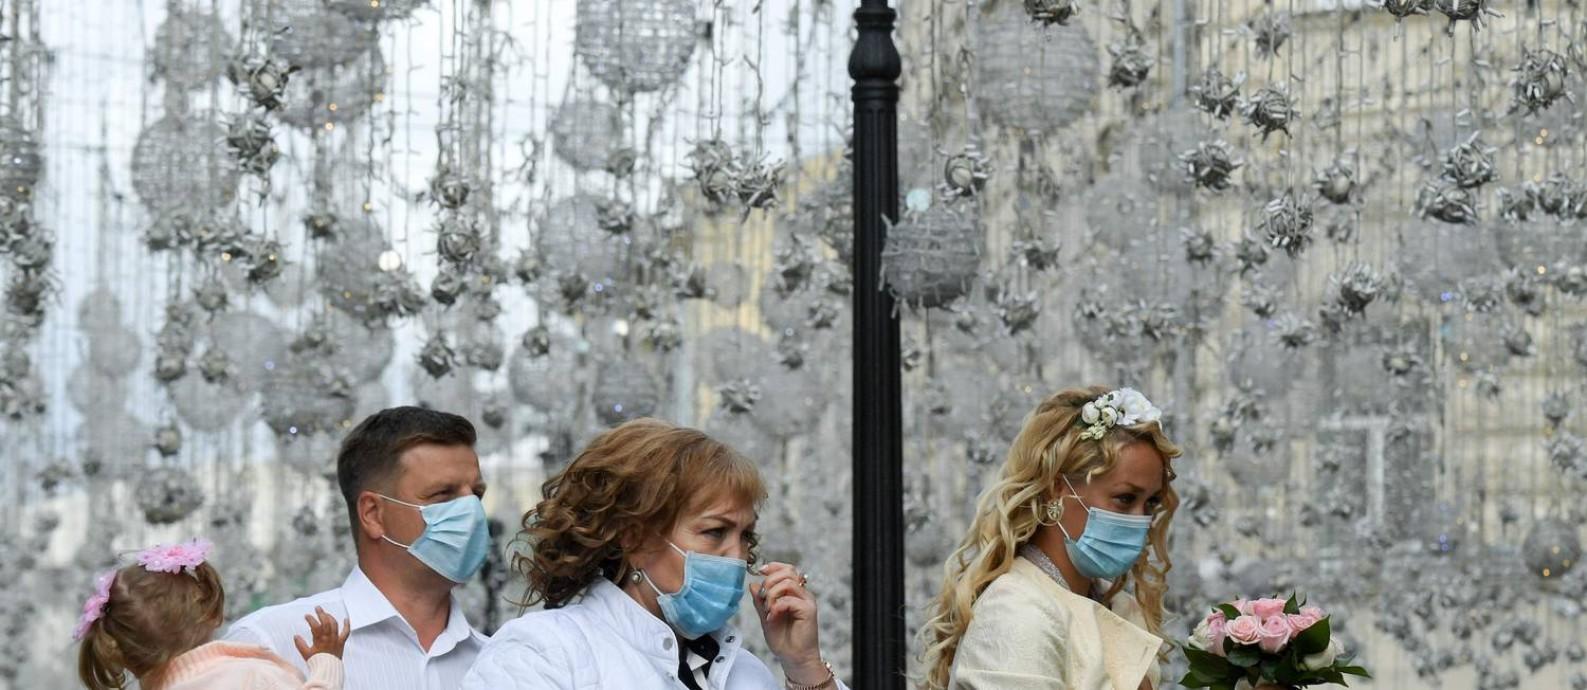 Pessoas caminham com máscaras no centro de Moscou, na Rússia; maioria dos médicos do país não confia na vacina registrada pelo governo, segundo pesquisa Foto: KIRILL KUDRYAVTSEV / AFP